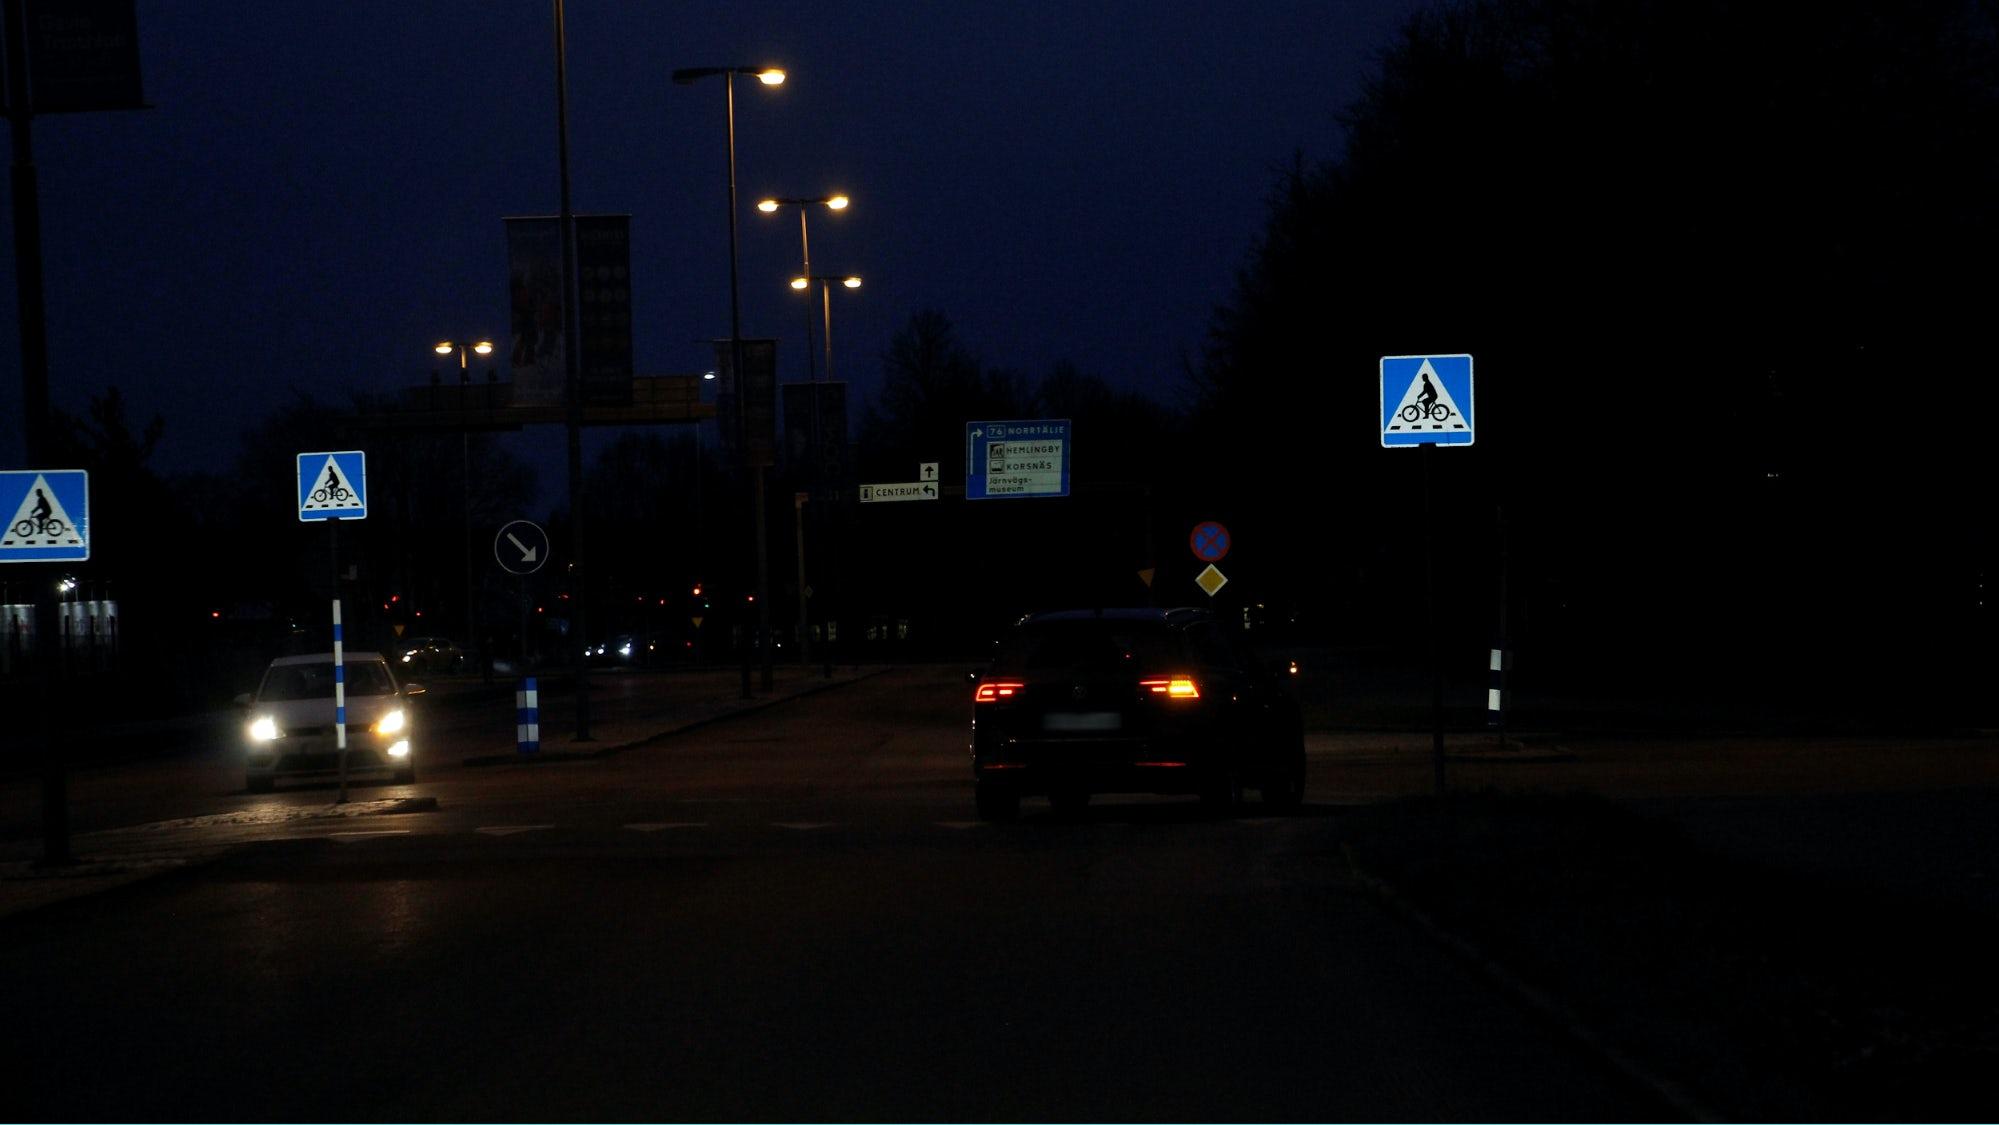 Bil som svänger vänster i en korsning när det är mörkt ute.